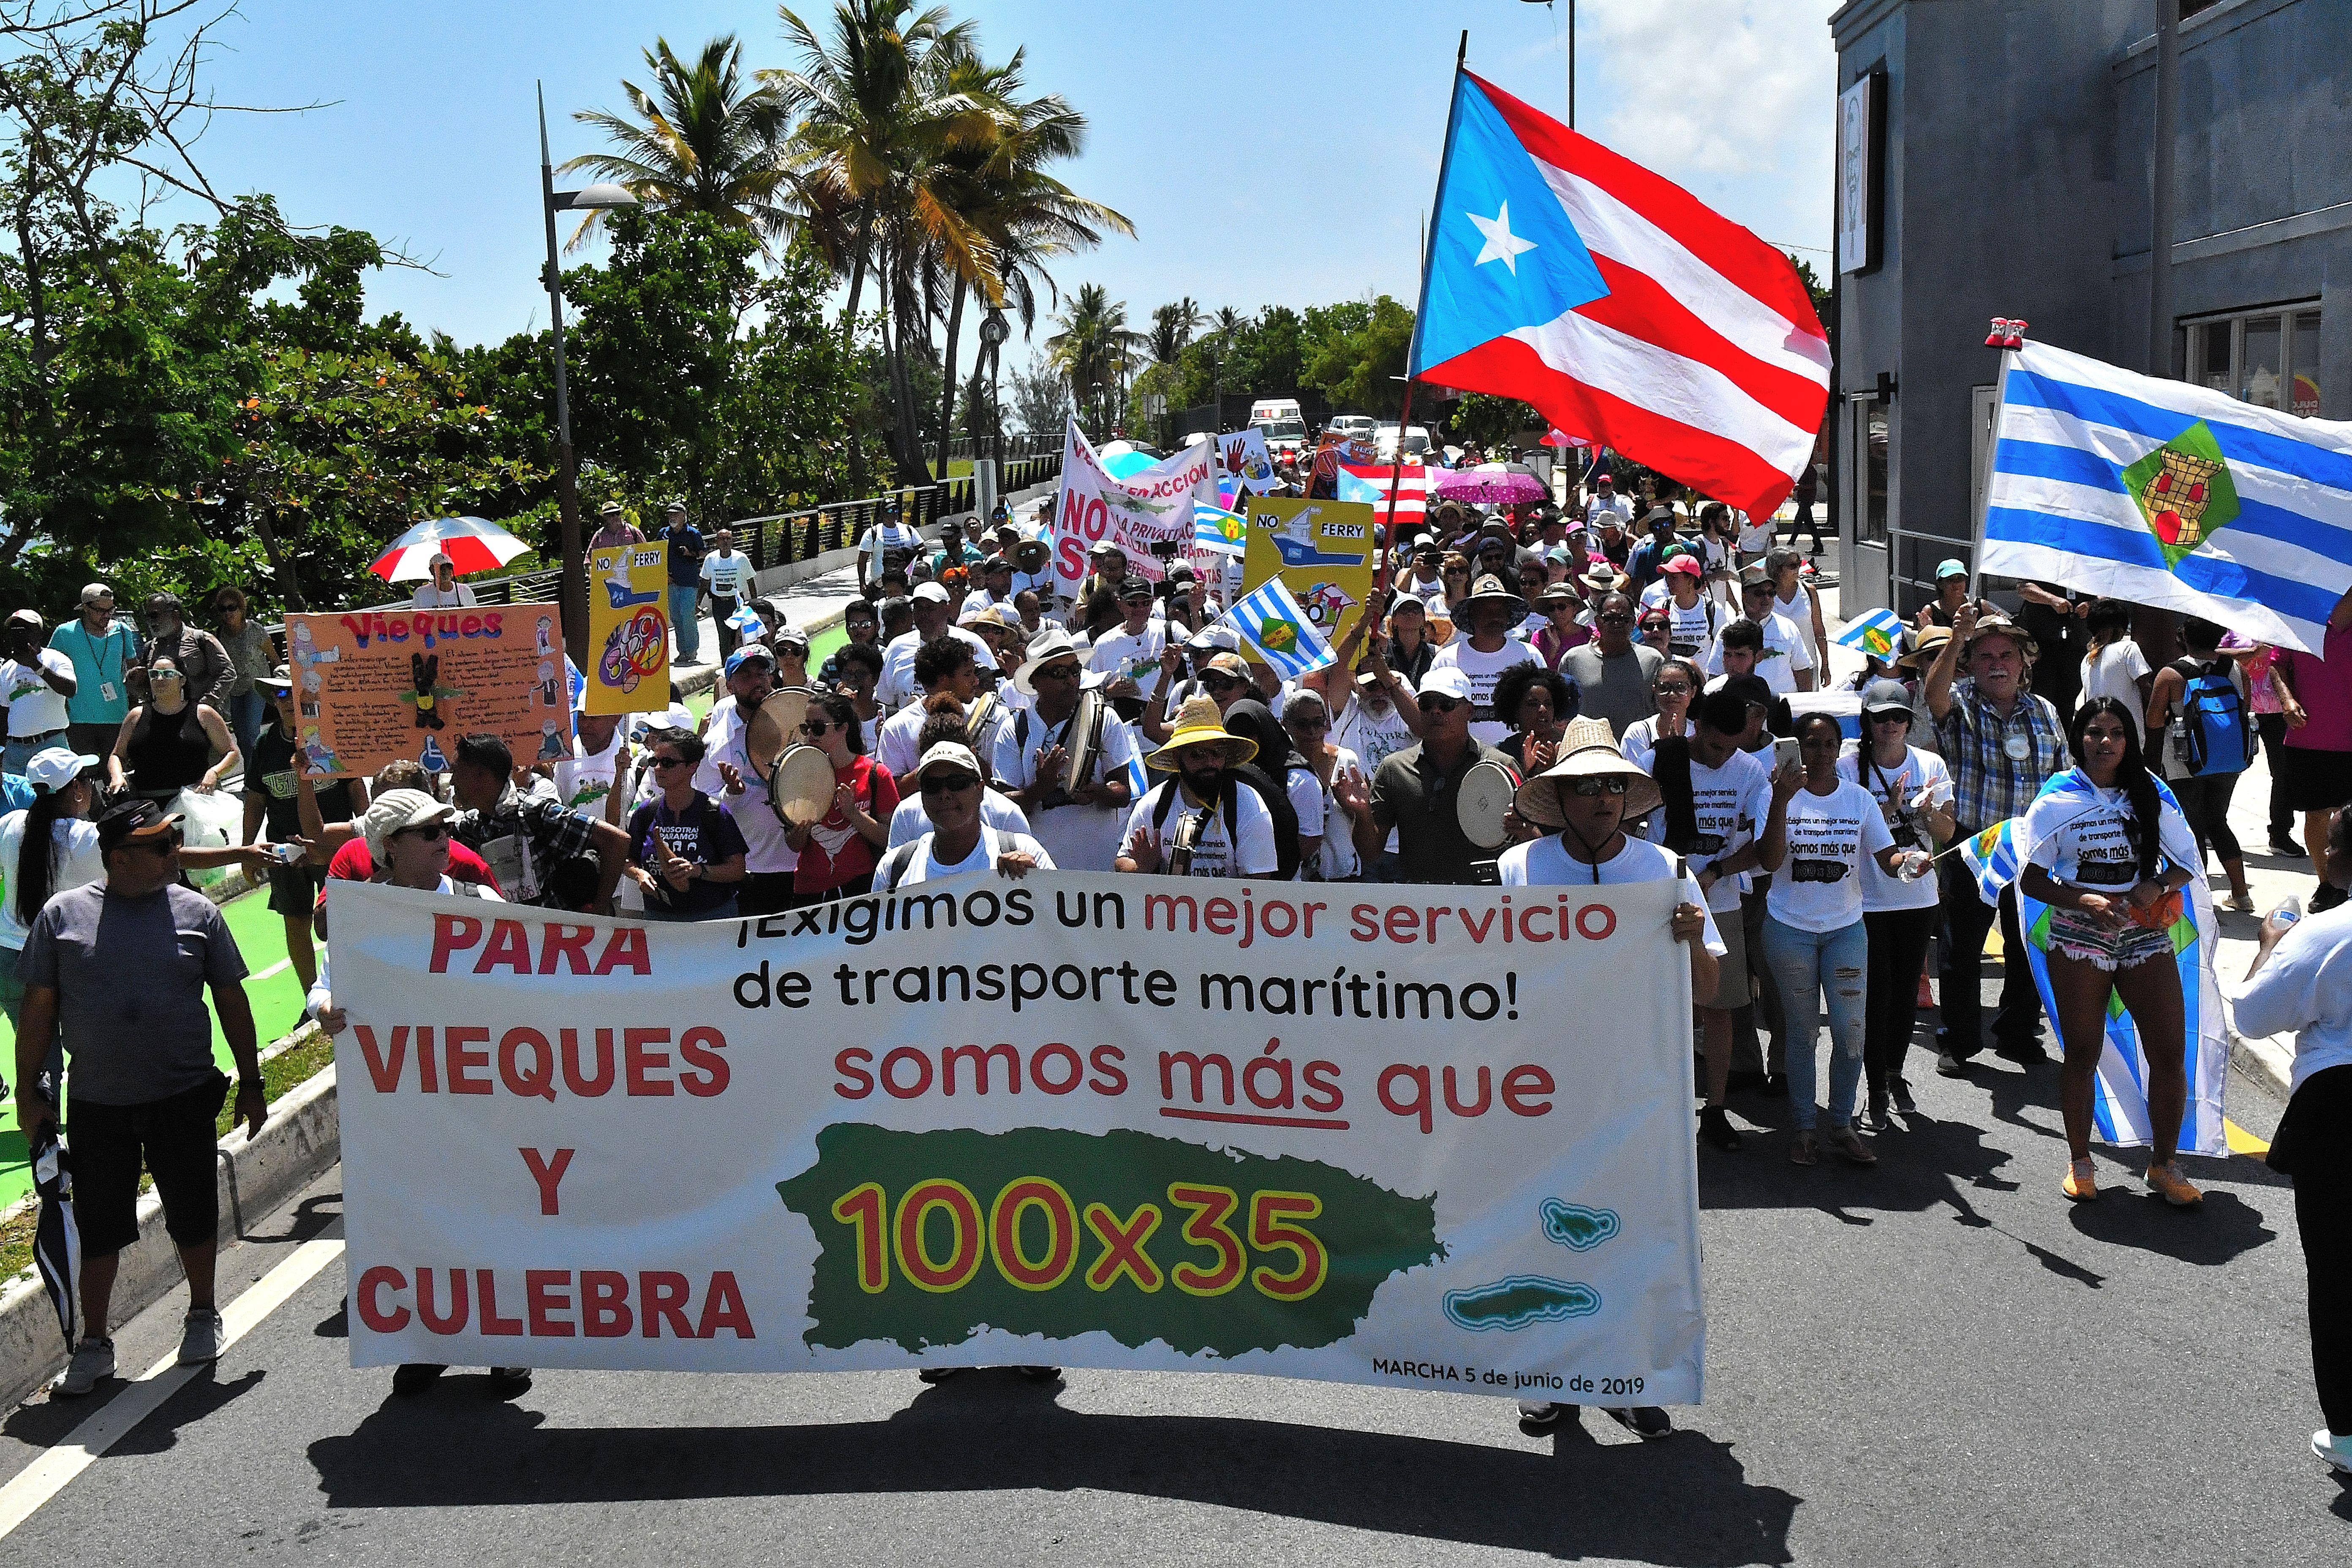 Indignación de Vieques y Culebra ante el deficiente servicio de transportación marítima